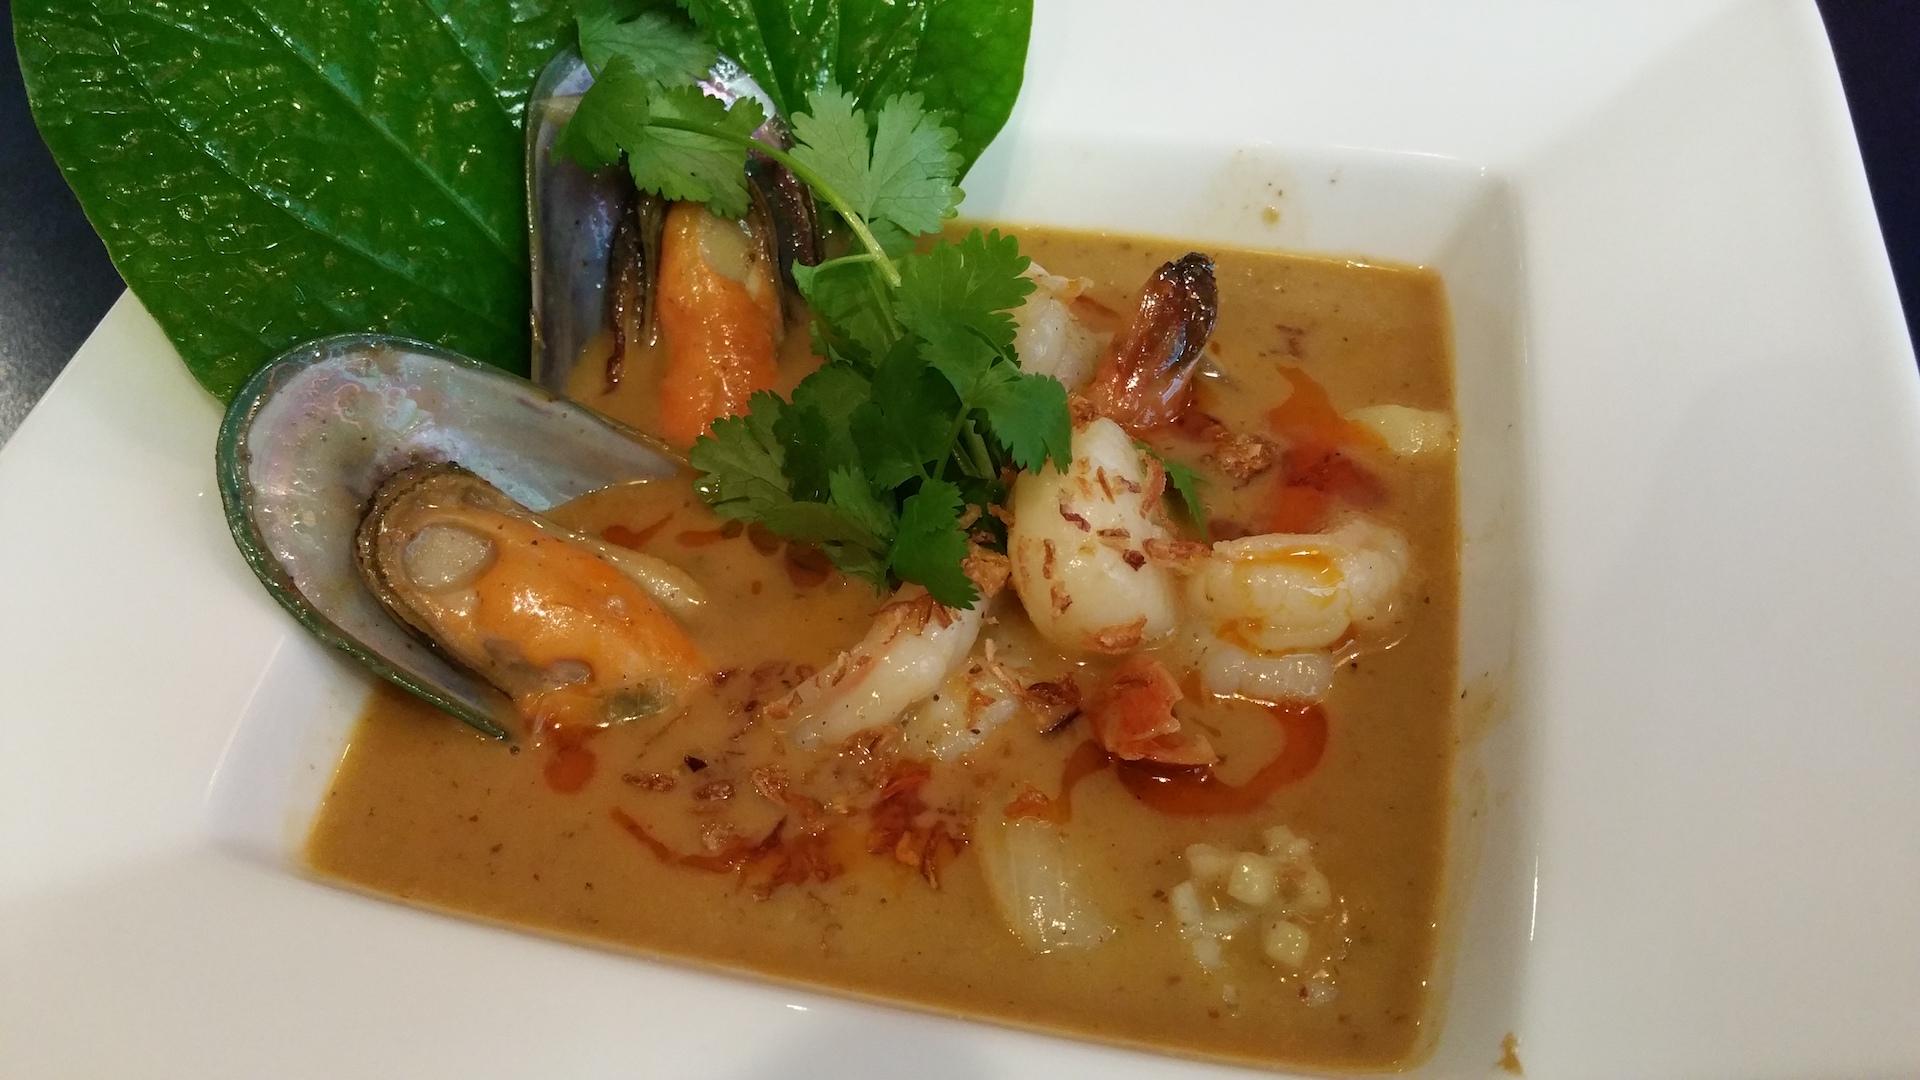 <p>世界で最も美味な料理ランキングで1位に選ばれたこともあるという『Mussaman Curry-Seafood』</p> <p>&nbsp;</p>